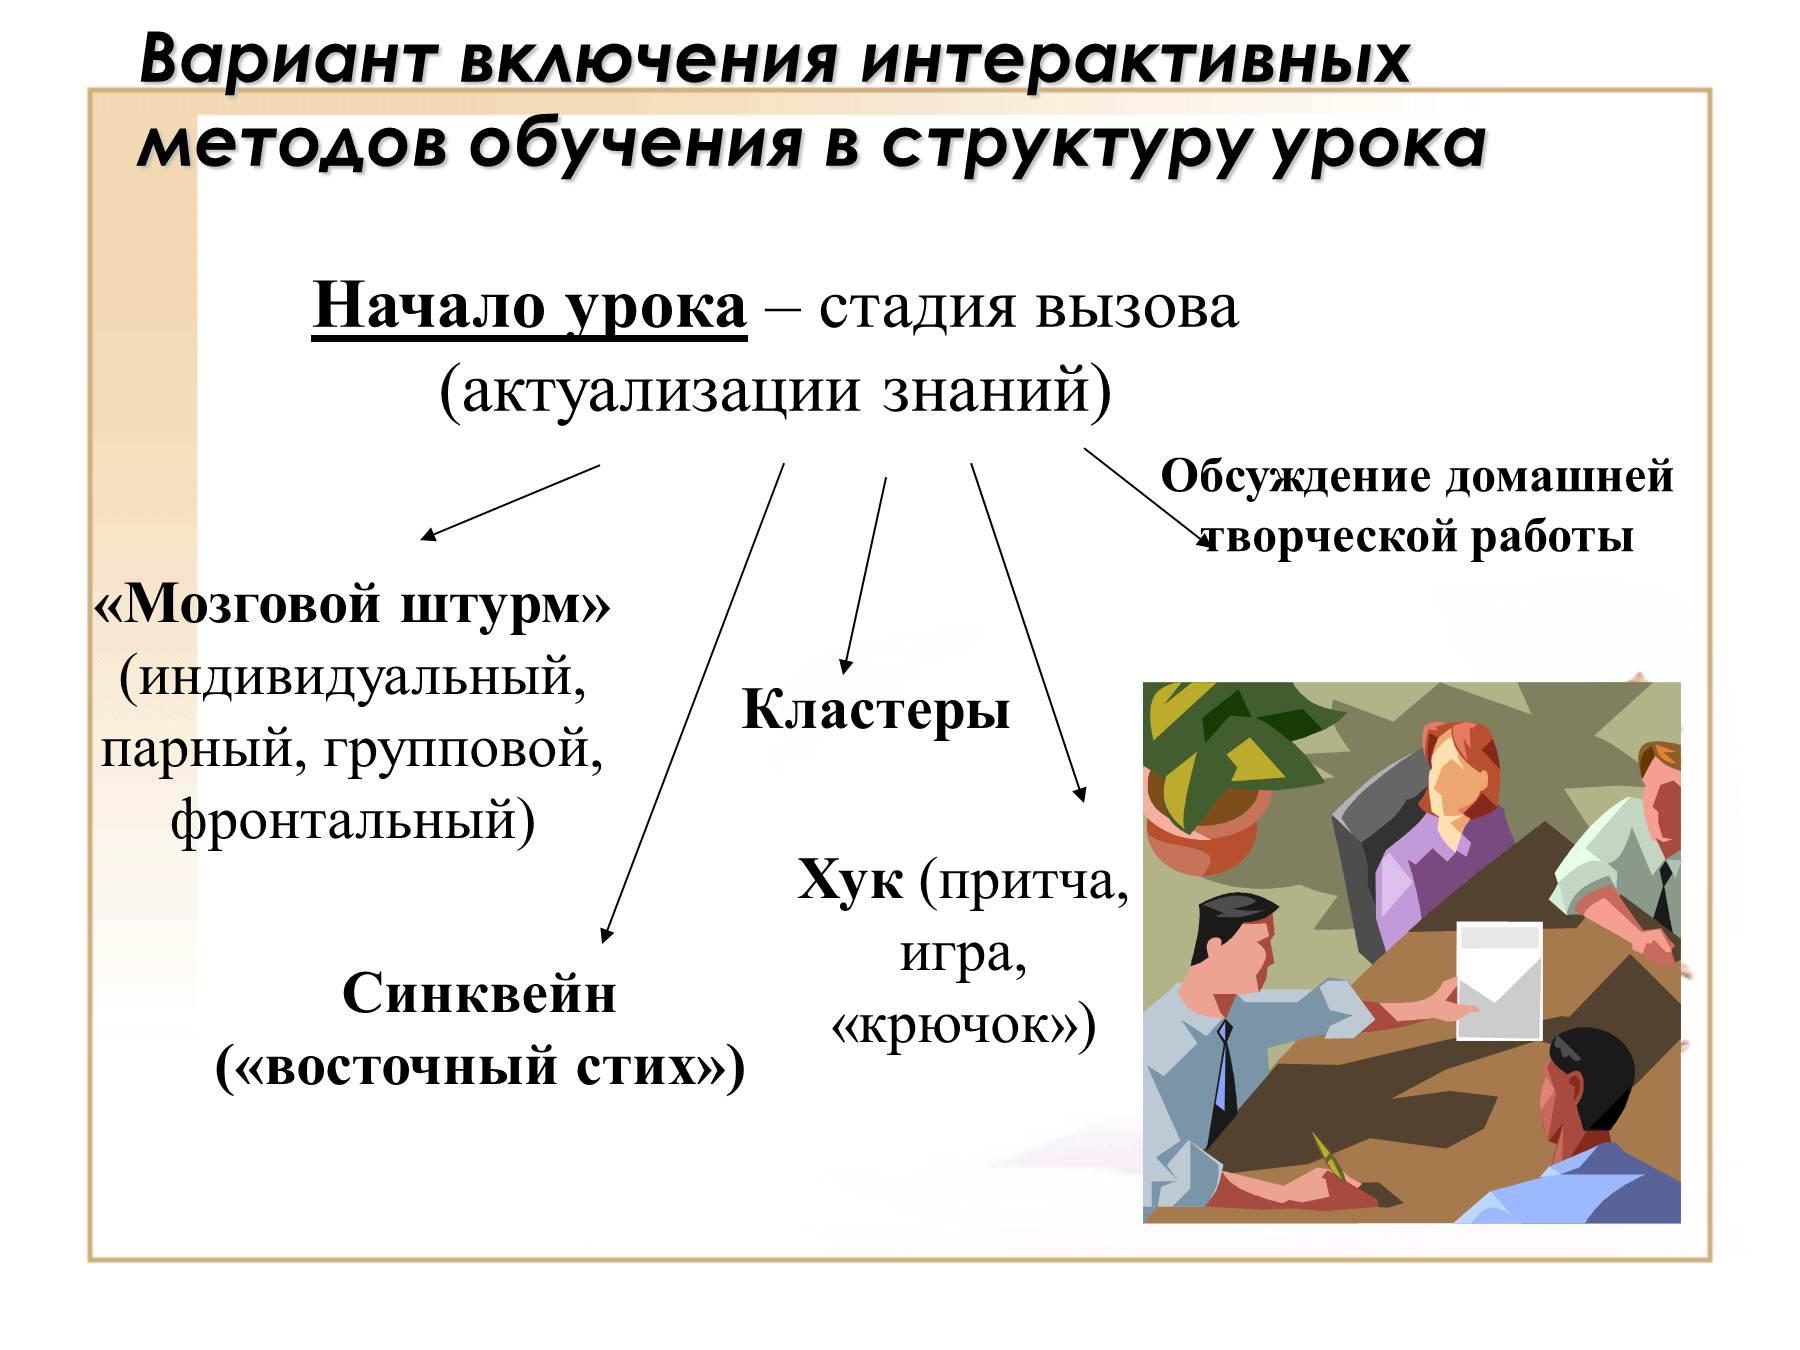 Мед и варенье в подарок купить красноярск